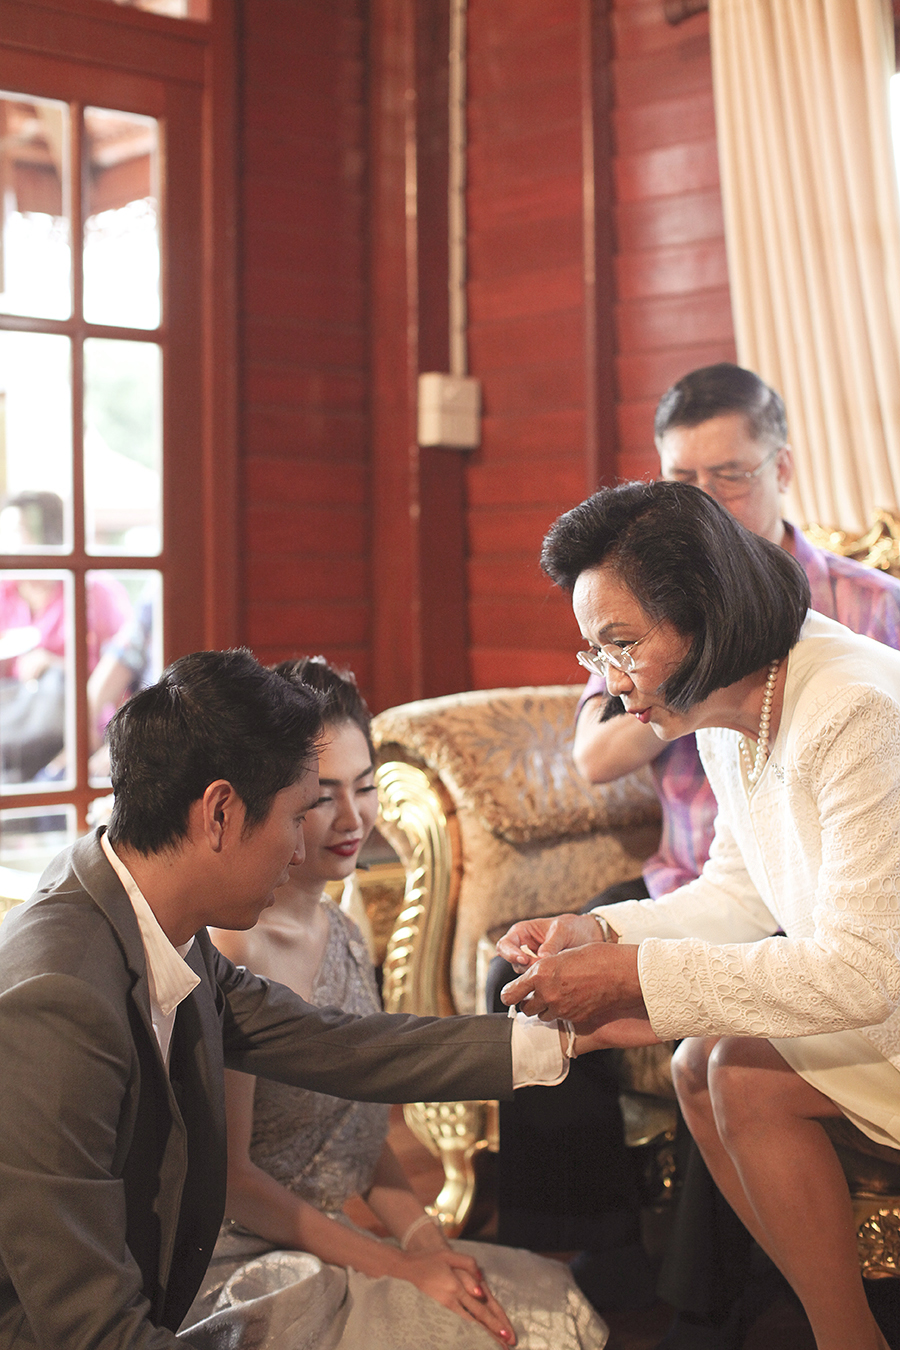 bangkok thailand wedding photography by kurt ahs . ruj+tai . 6277.jpg